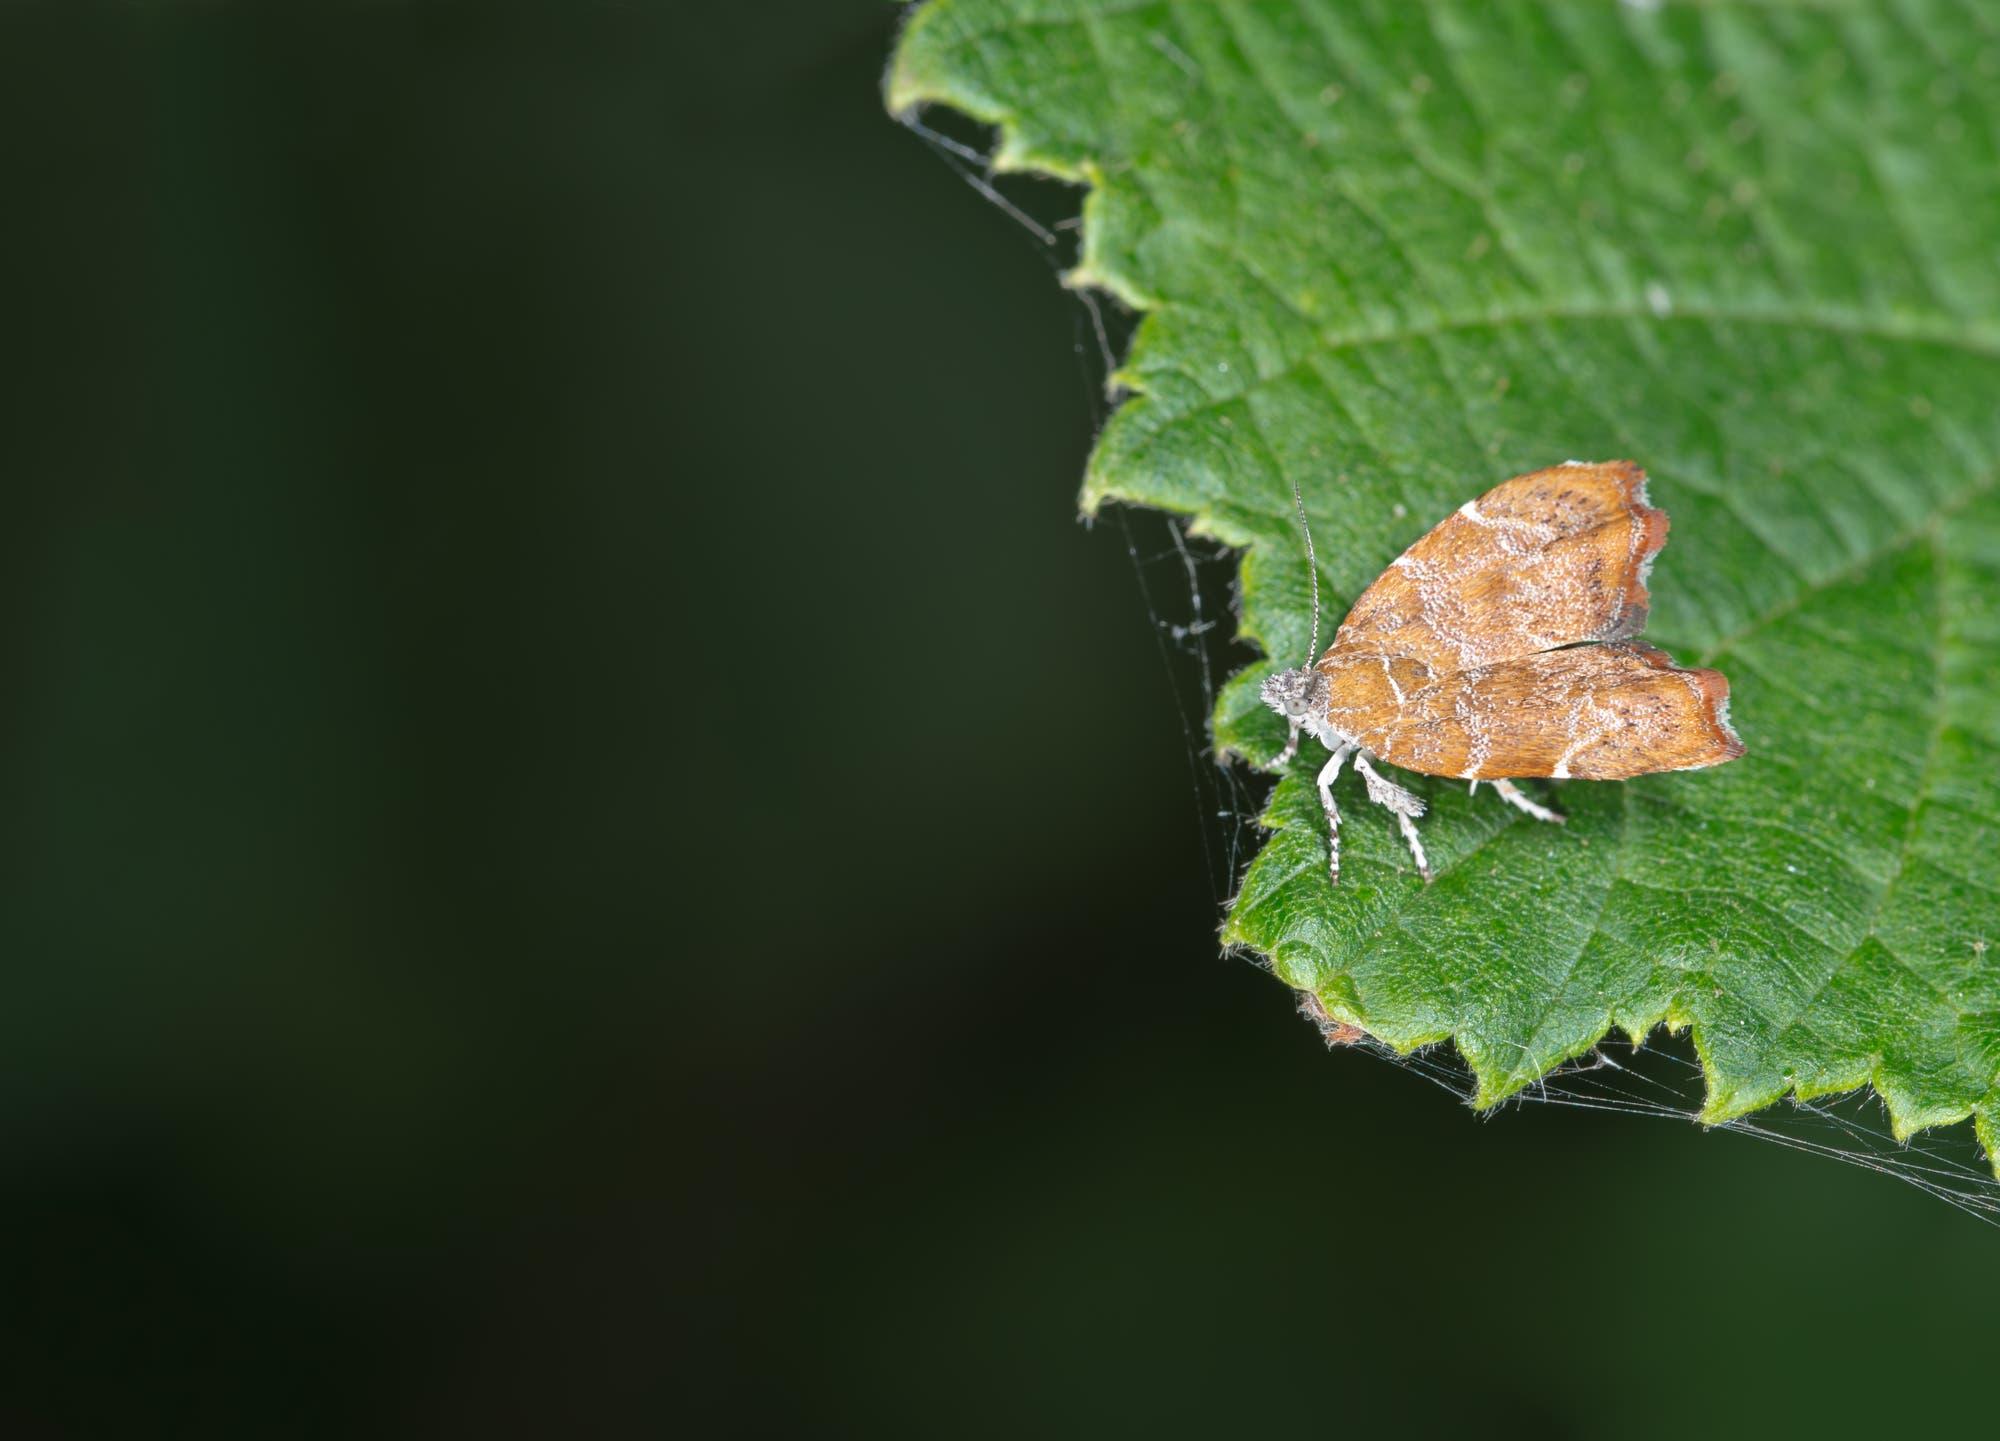 Die Raupen des Feigen-Spreizflügelfalters haben großen Appetit auf Blätter von Feigenbäumen.